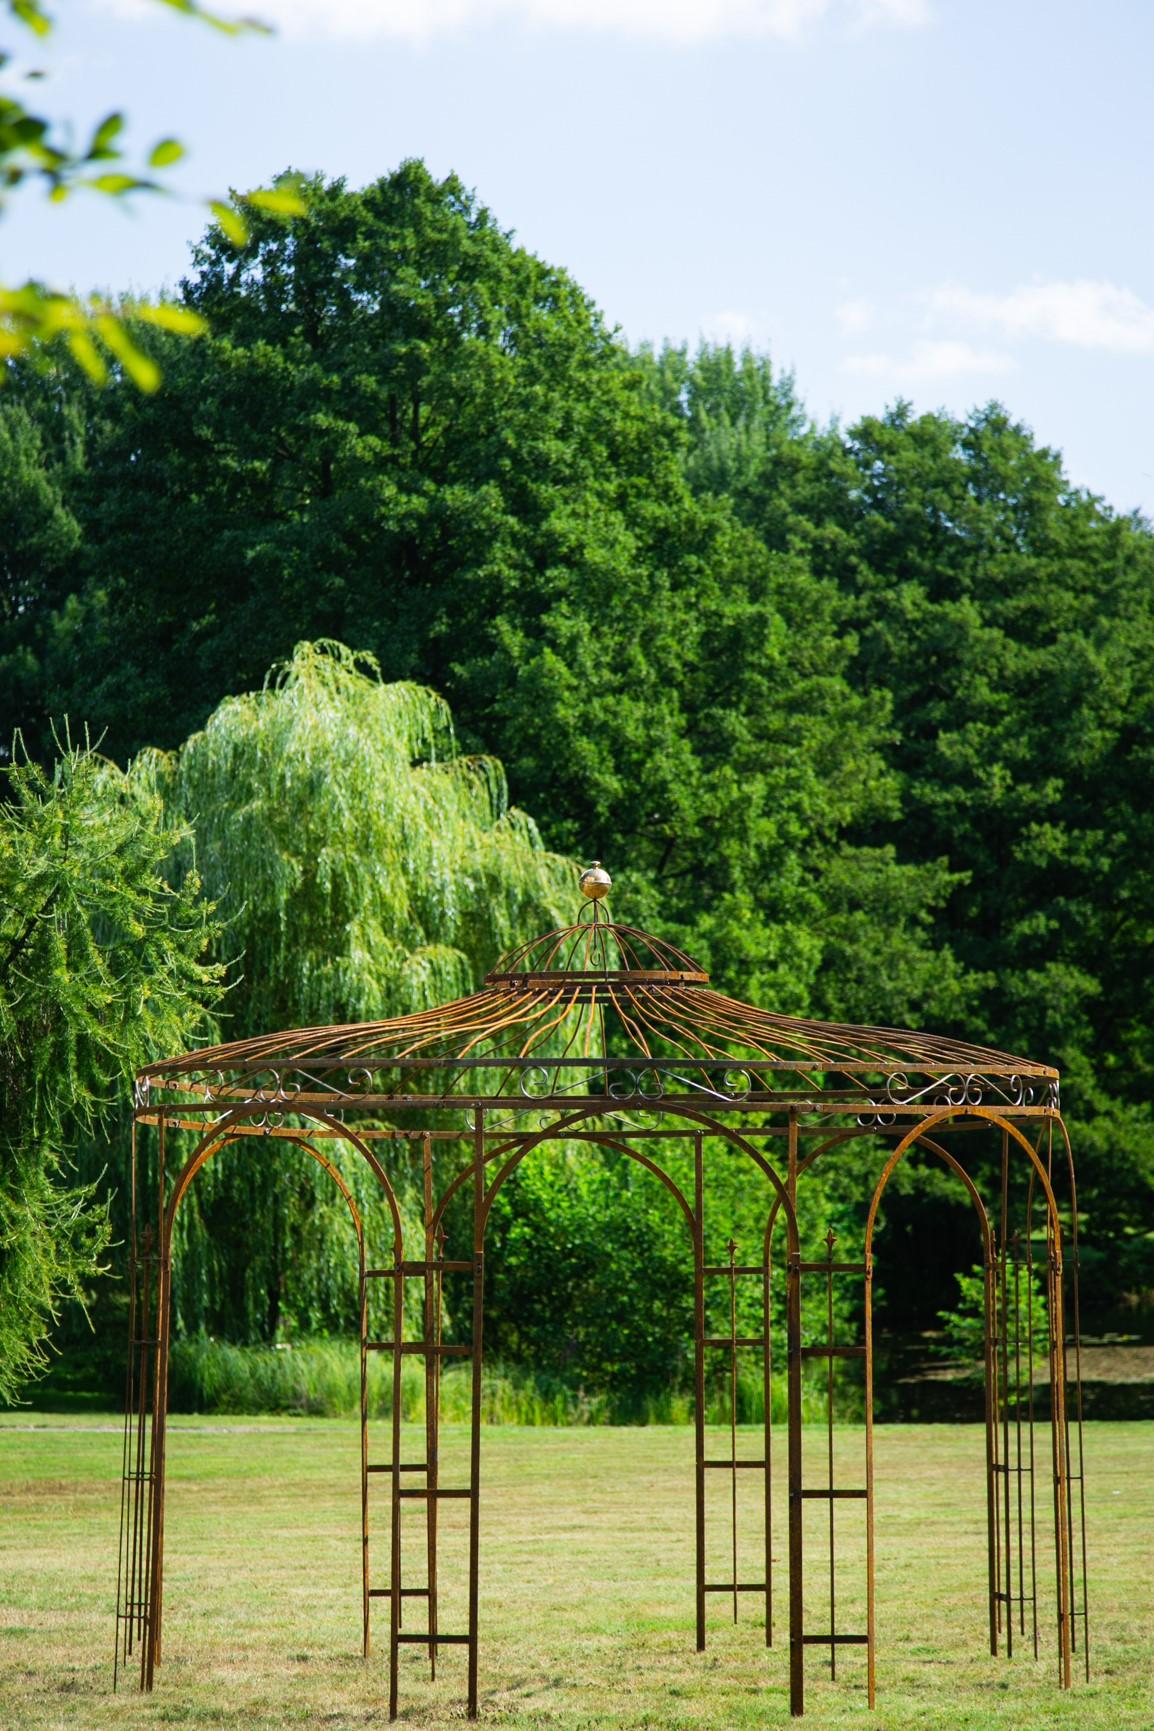 Full Size of Gartenpavillon Metall Rost 250cm Eleganz Bett Regal Weiß Regale Wohnzimmer Gartenpavillon Metall